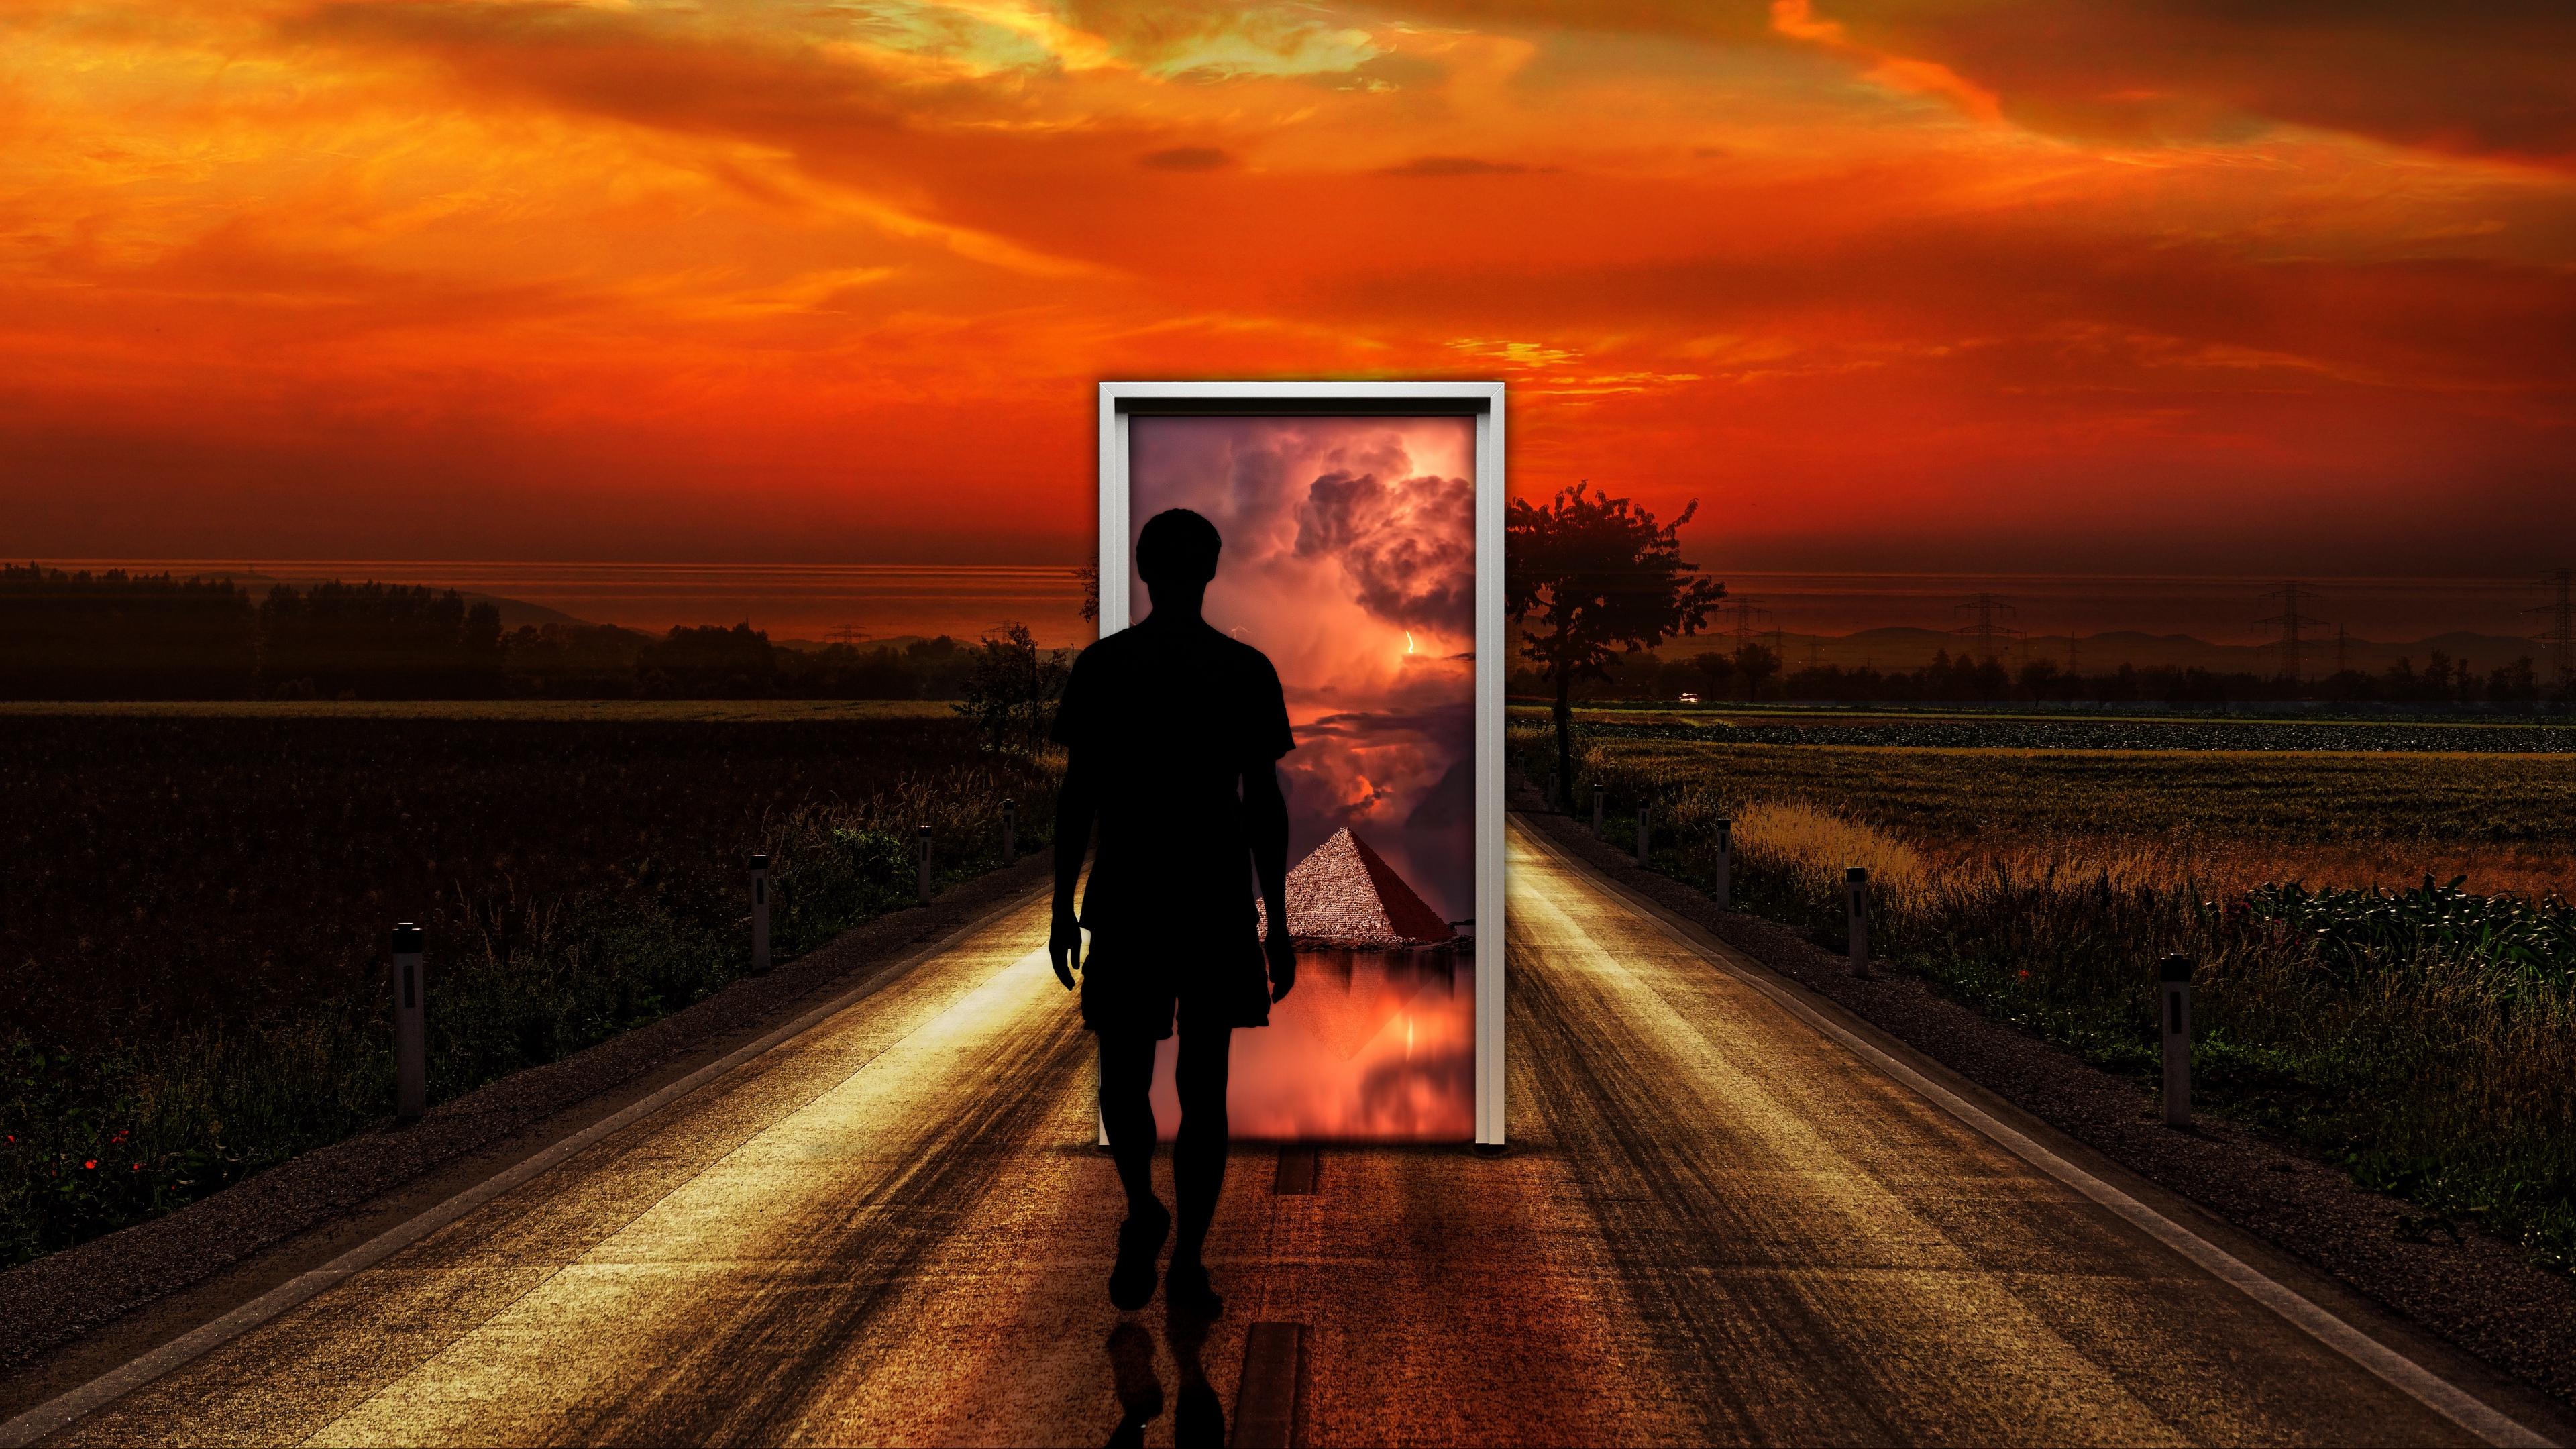 surrealism man door imagination 4k 1536098105 - surrealism, man, door, imagination 4k - surrealism, Man, Door